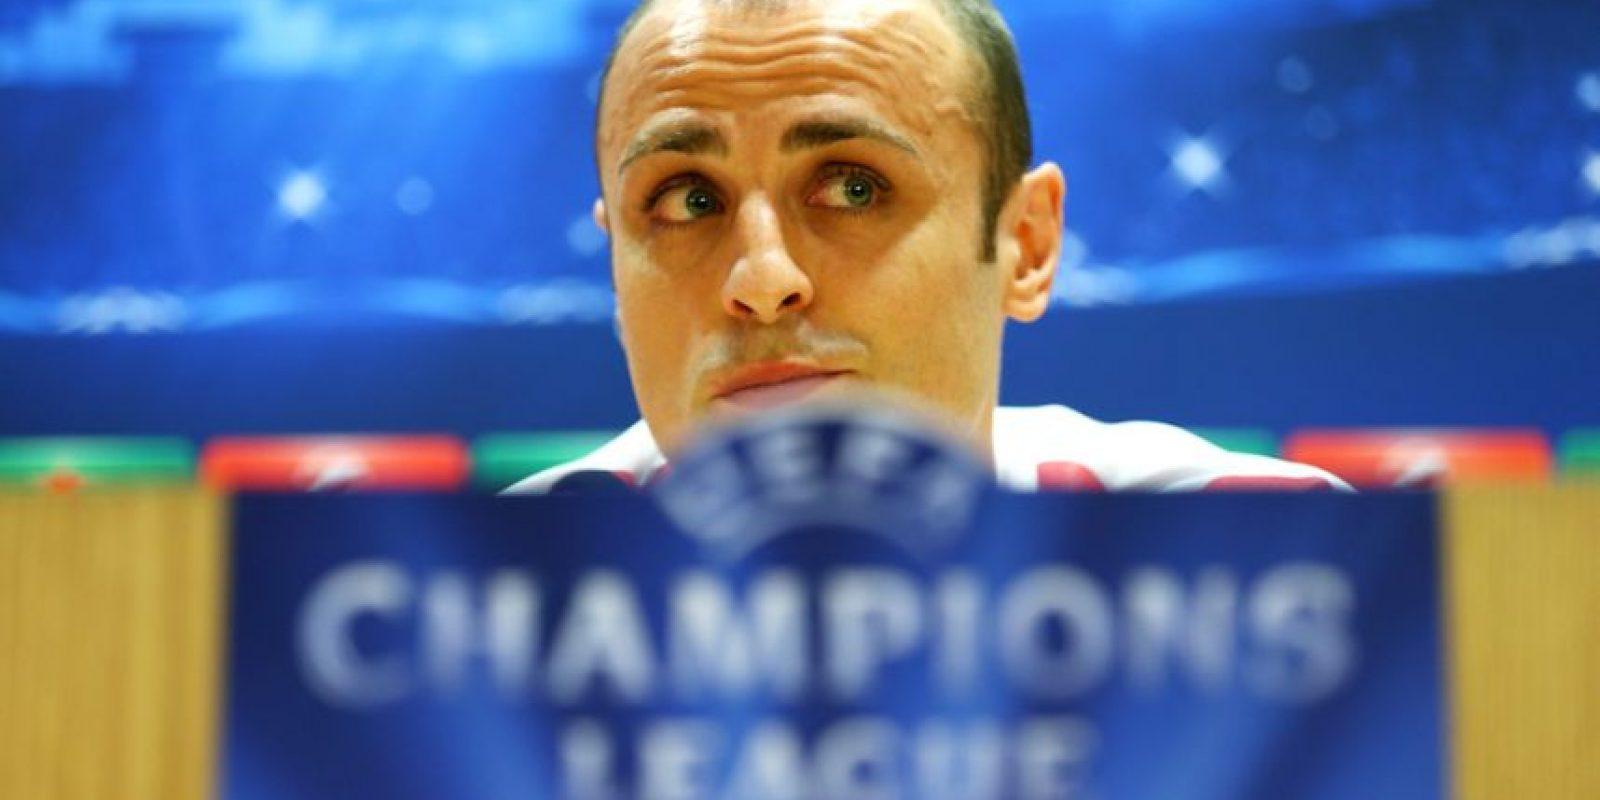 El búlgaro Dimitar Berbatov será el encargado de hacer los goles visitantes. Foto:Getty Images